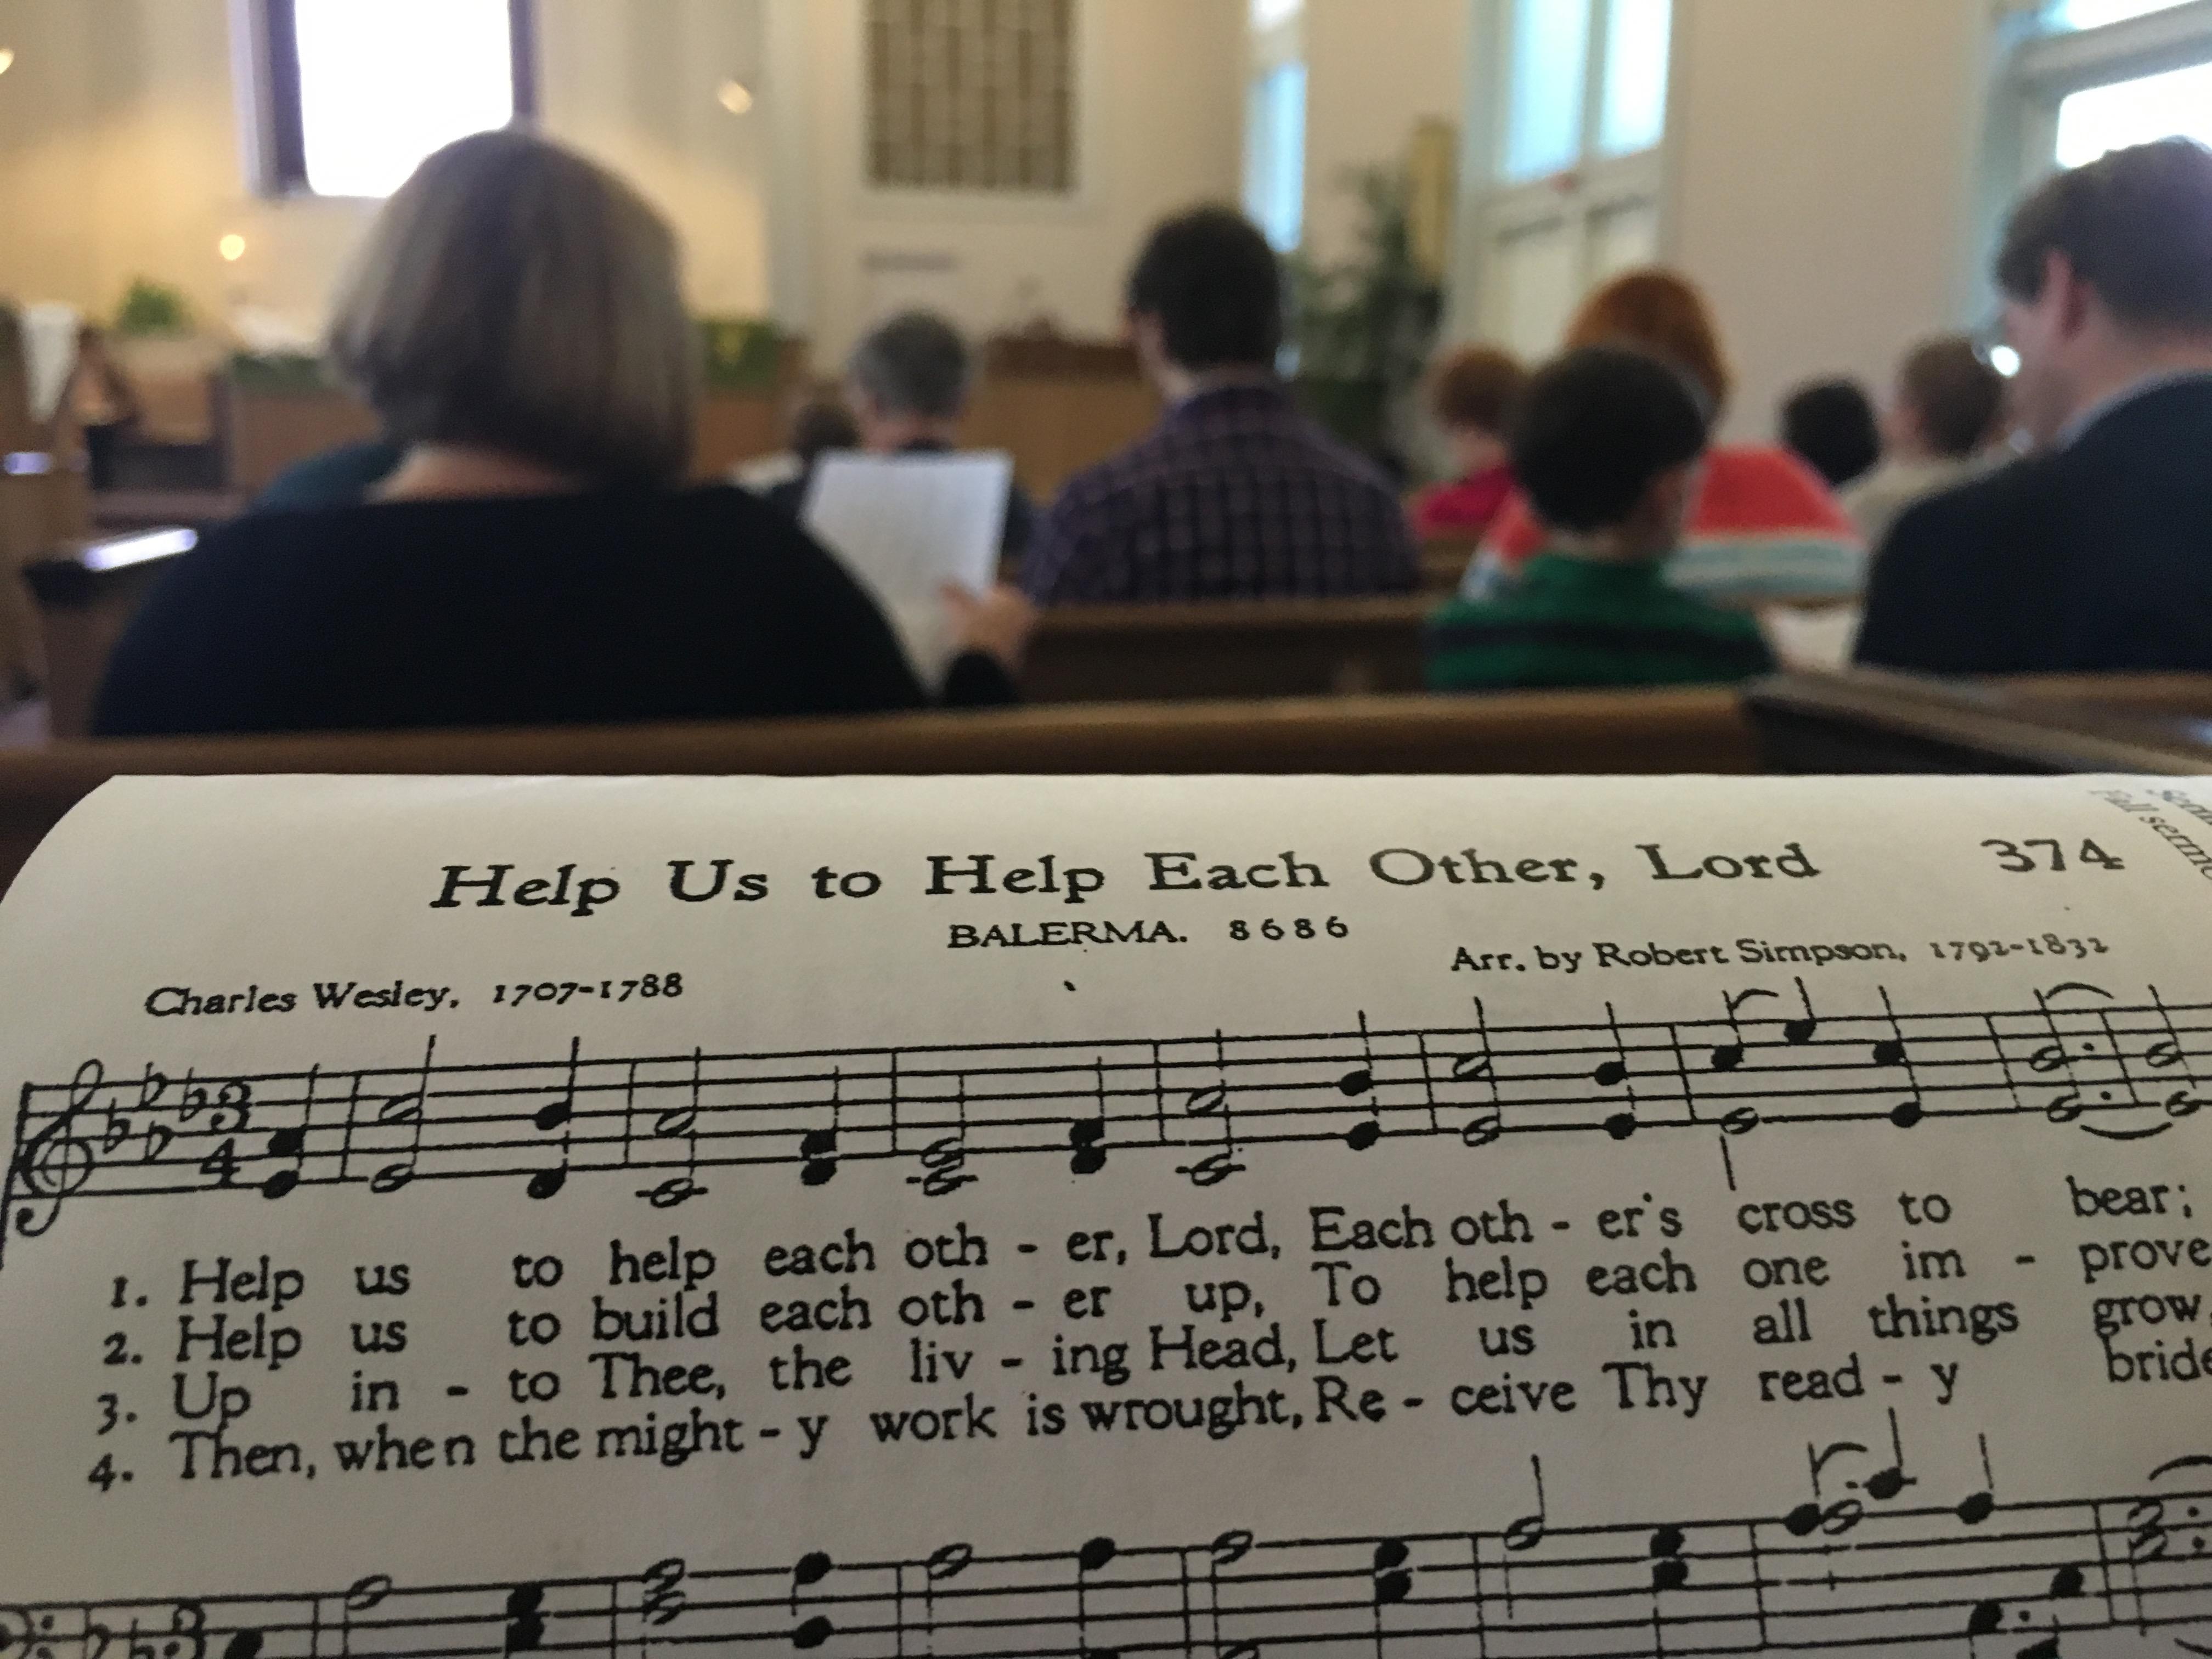 Singing a hymn